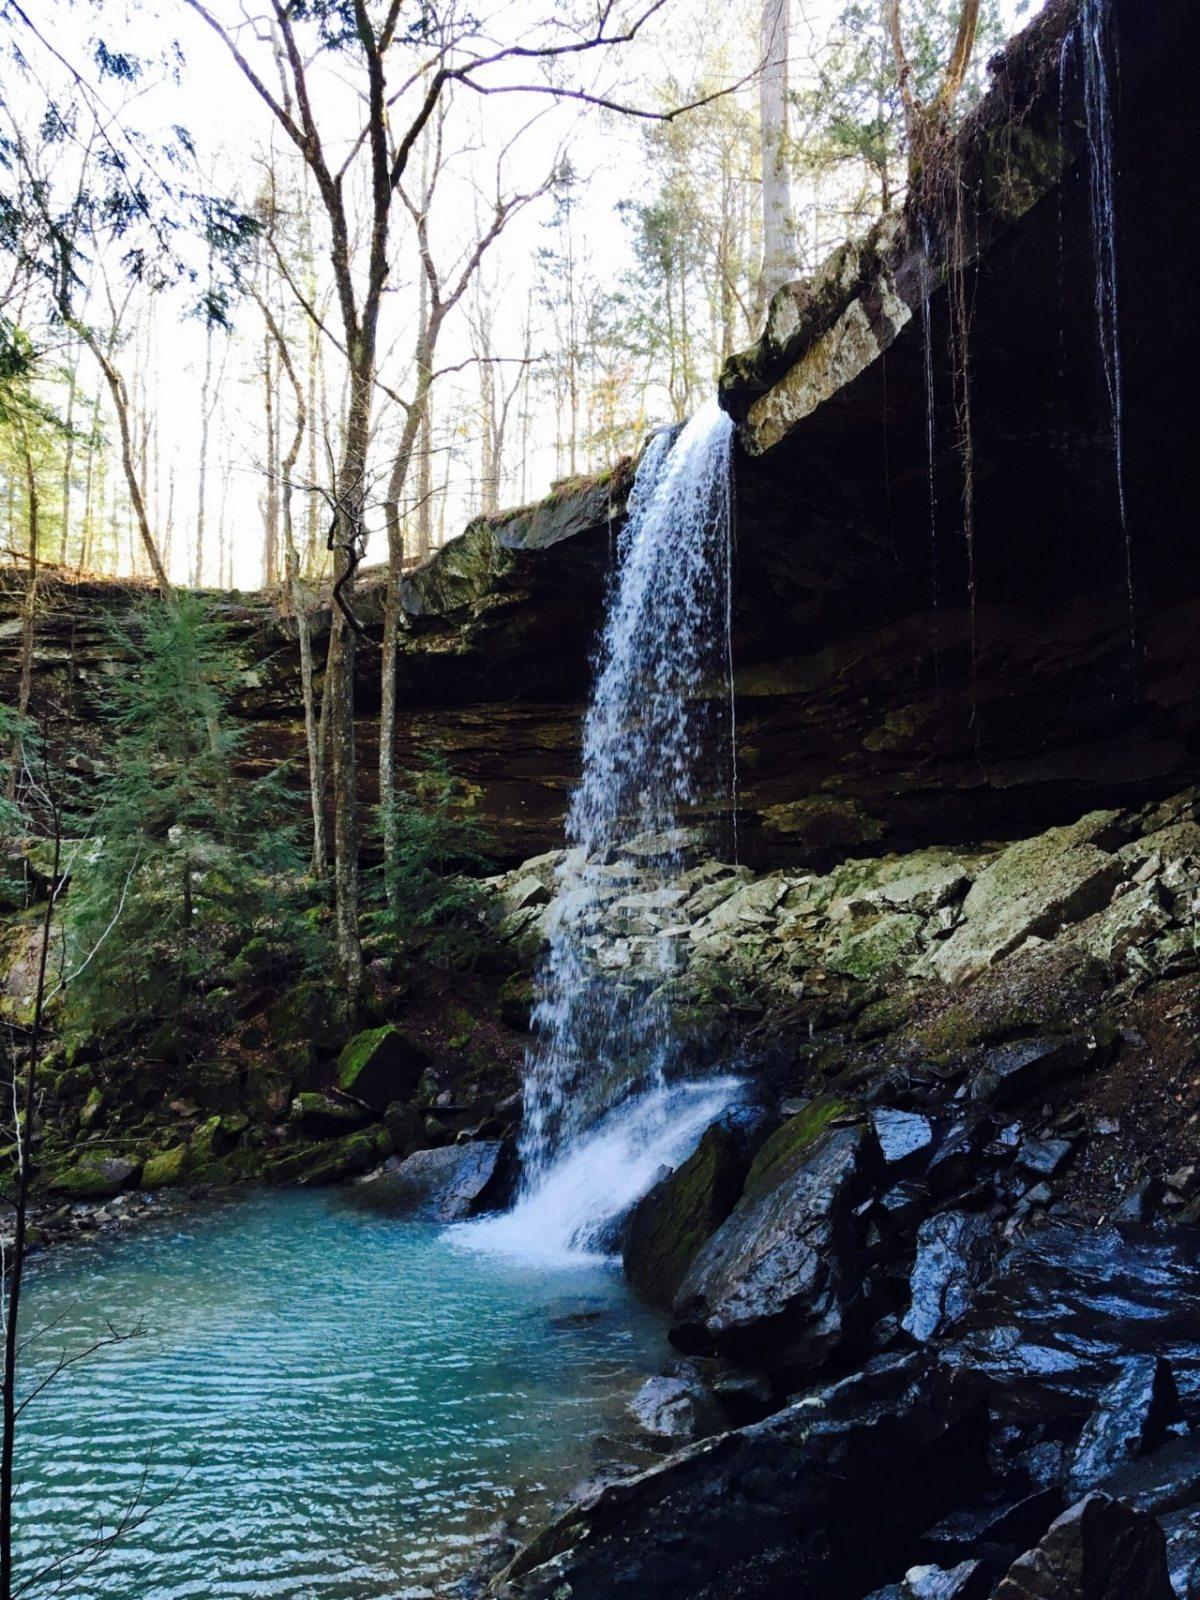 Alabama weekly nature roundup – November 19 to November 25, 2016